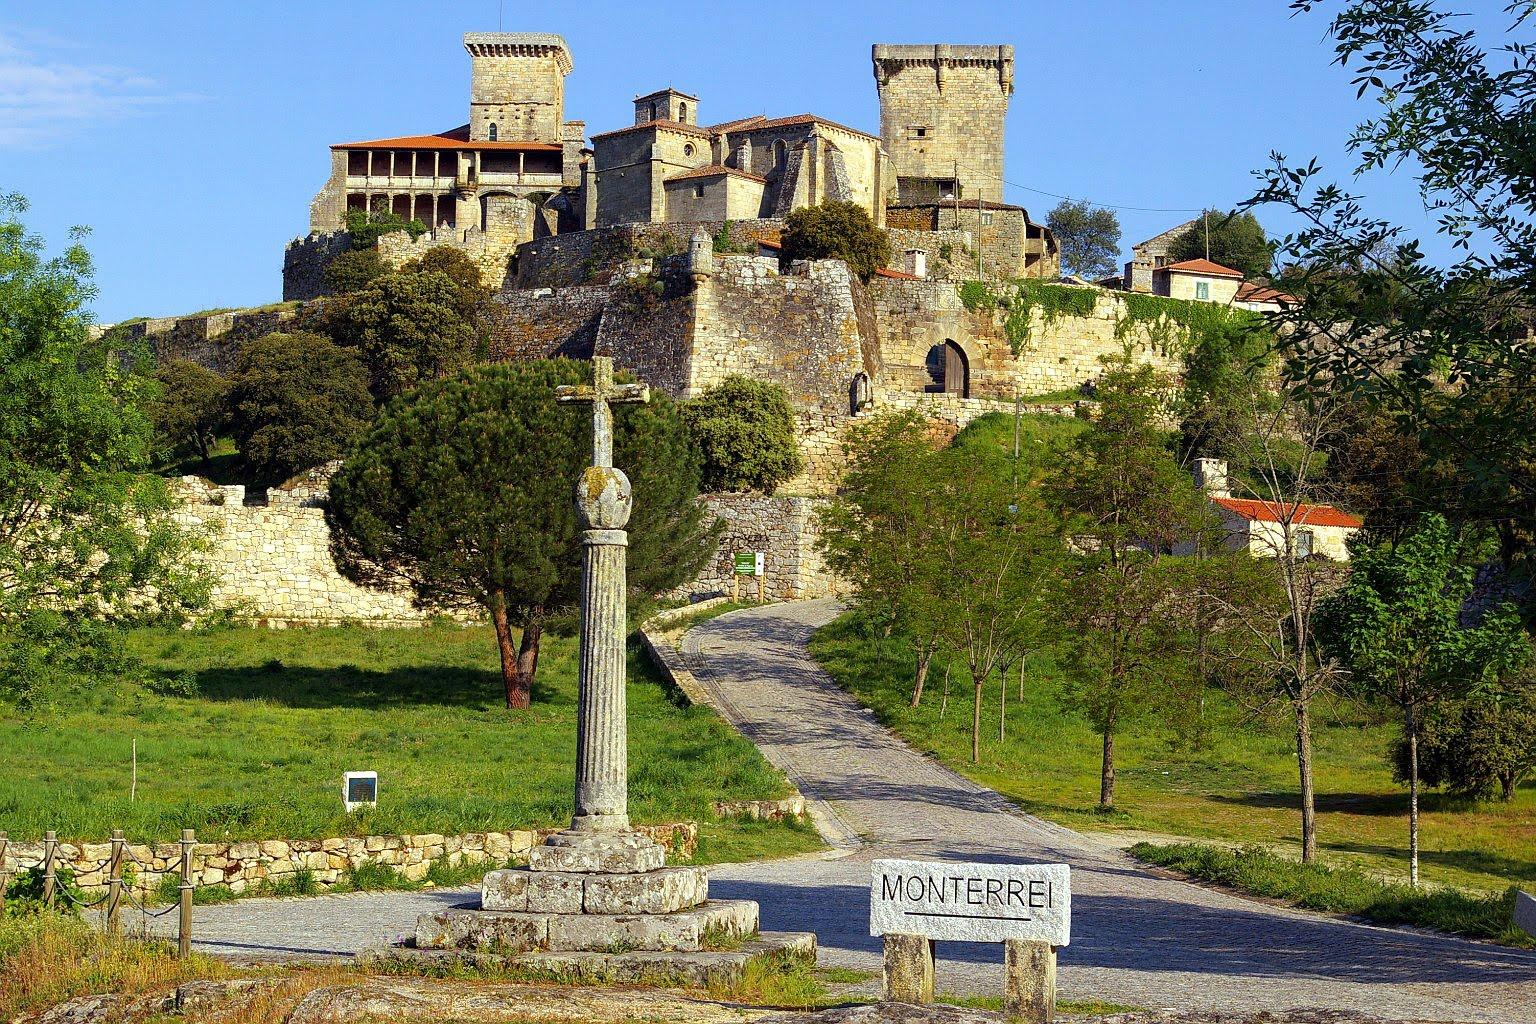 municipio orense: